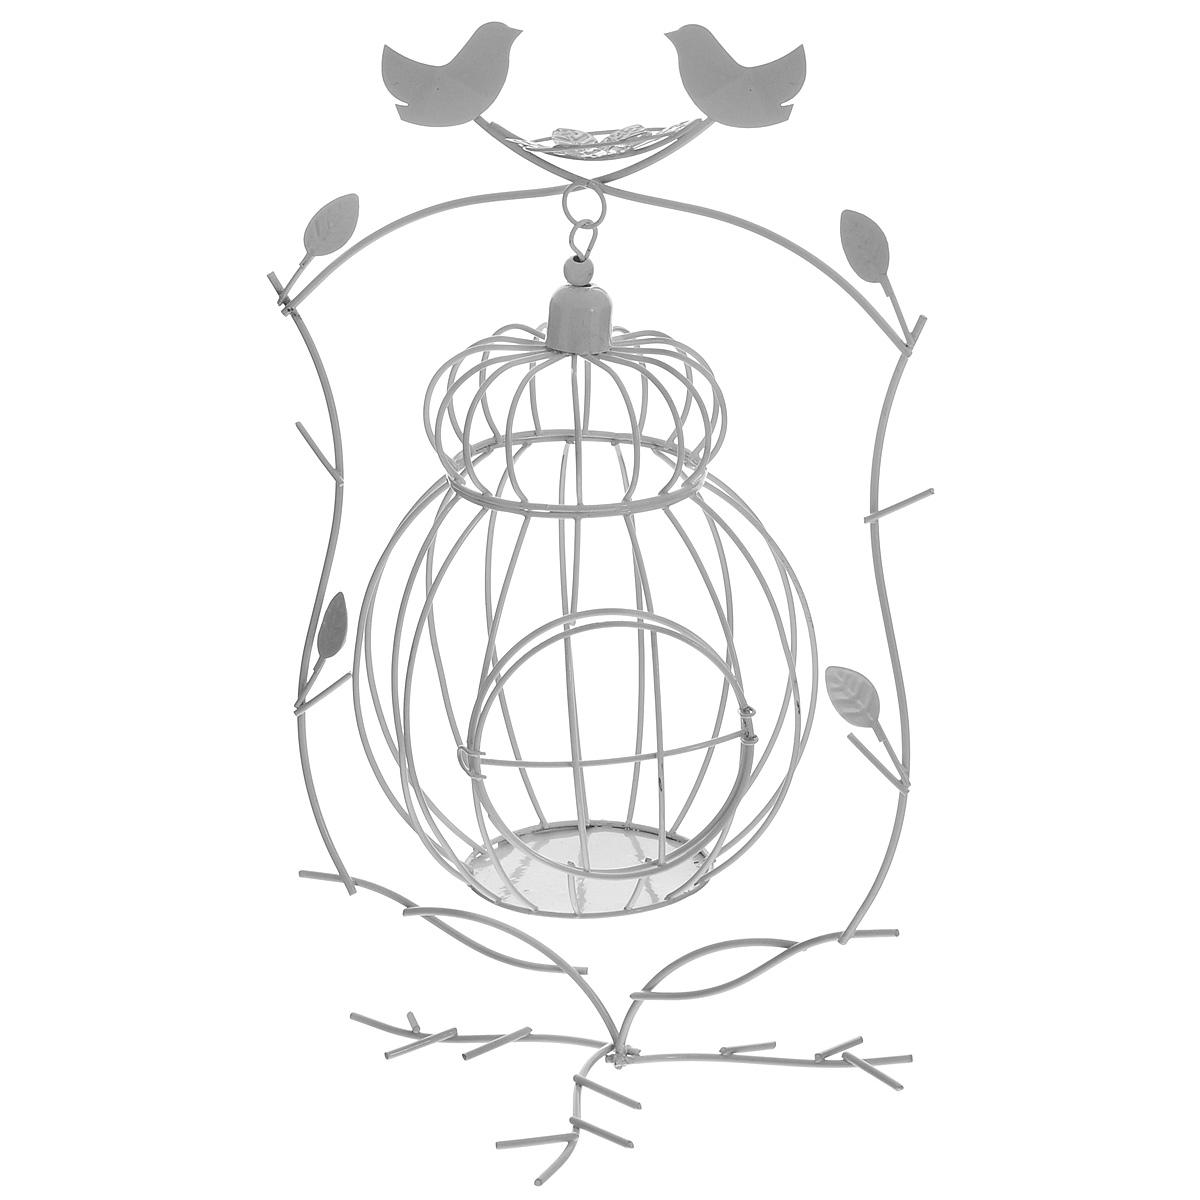 Клетка декоративная ScrapBerrys на подставке, цвет: белый, 14 х 23 х 31 см54 009312Декоративная клетка ScrapBerrys выполнена из высококачественного металла. Изделие украшено изящными коваными птичками с гнездом и веточками. Клетка оснащена крышкой, которая закрывается на специальный замок, а также подставкой.Такая клетка предназначена для скрапбукинга (для флористики), также она подойдет для декора интерьера дома или офиса. Кроме того - это отличный вариант подарка для ваших близких и друзей. Размер изделия: 14 см х 23 см х 31 см. Диаметр клетки: 14 см. Диаметр дна: 8 см.